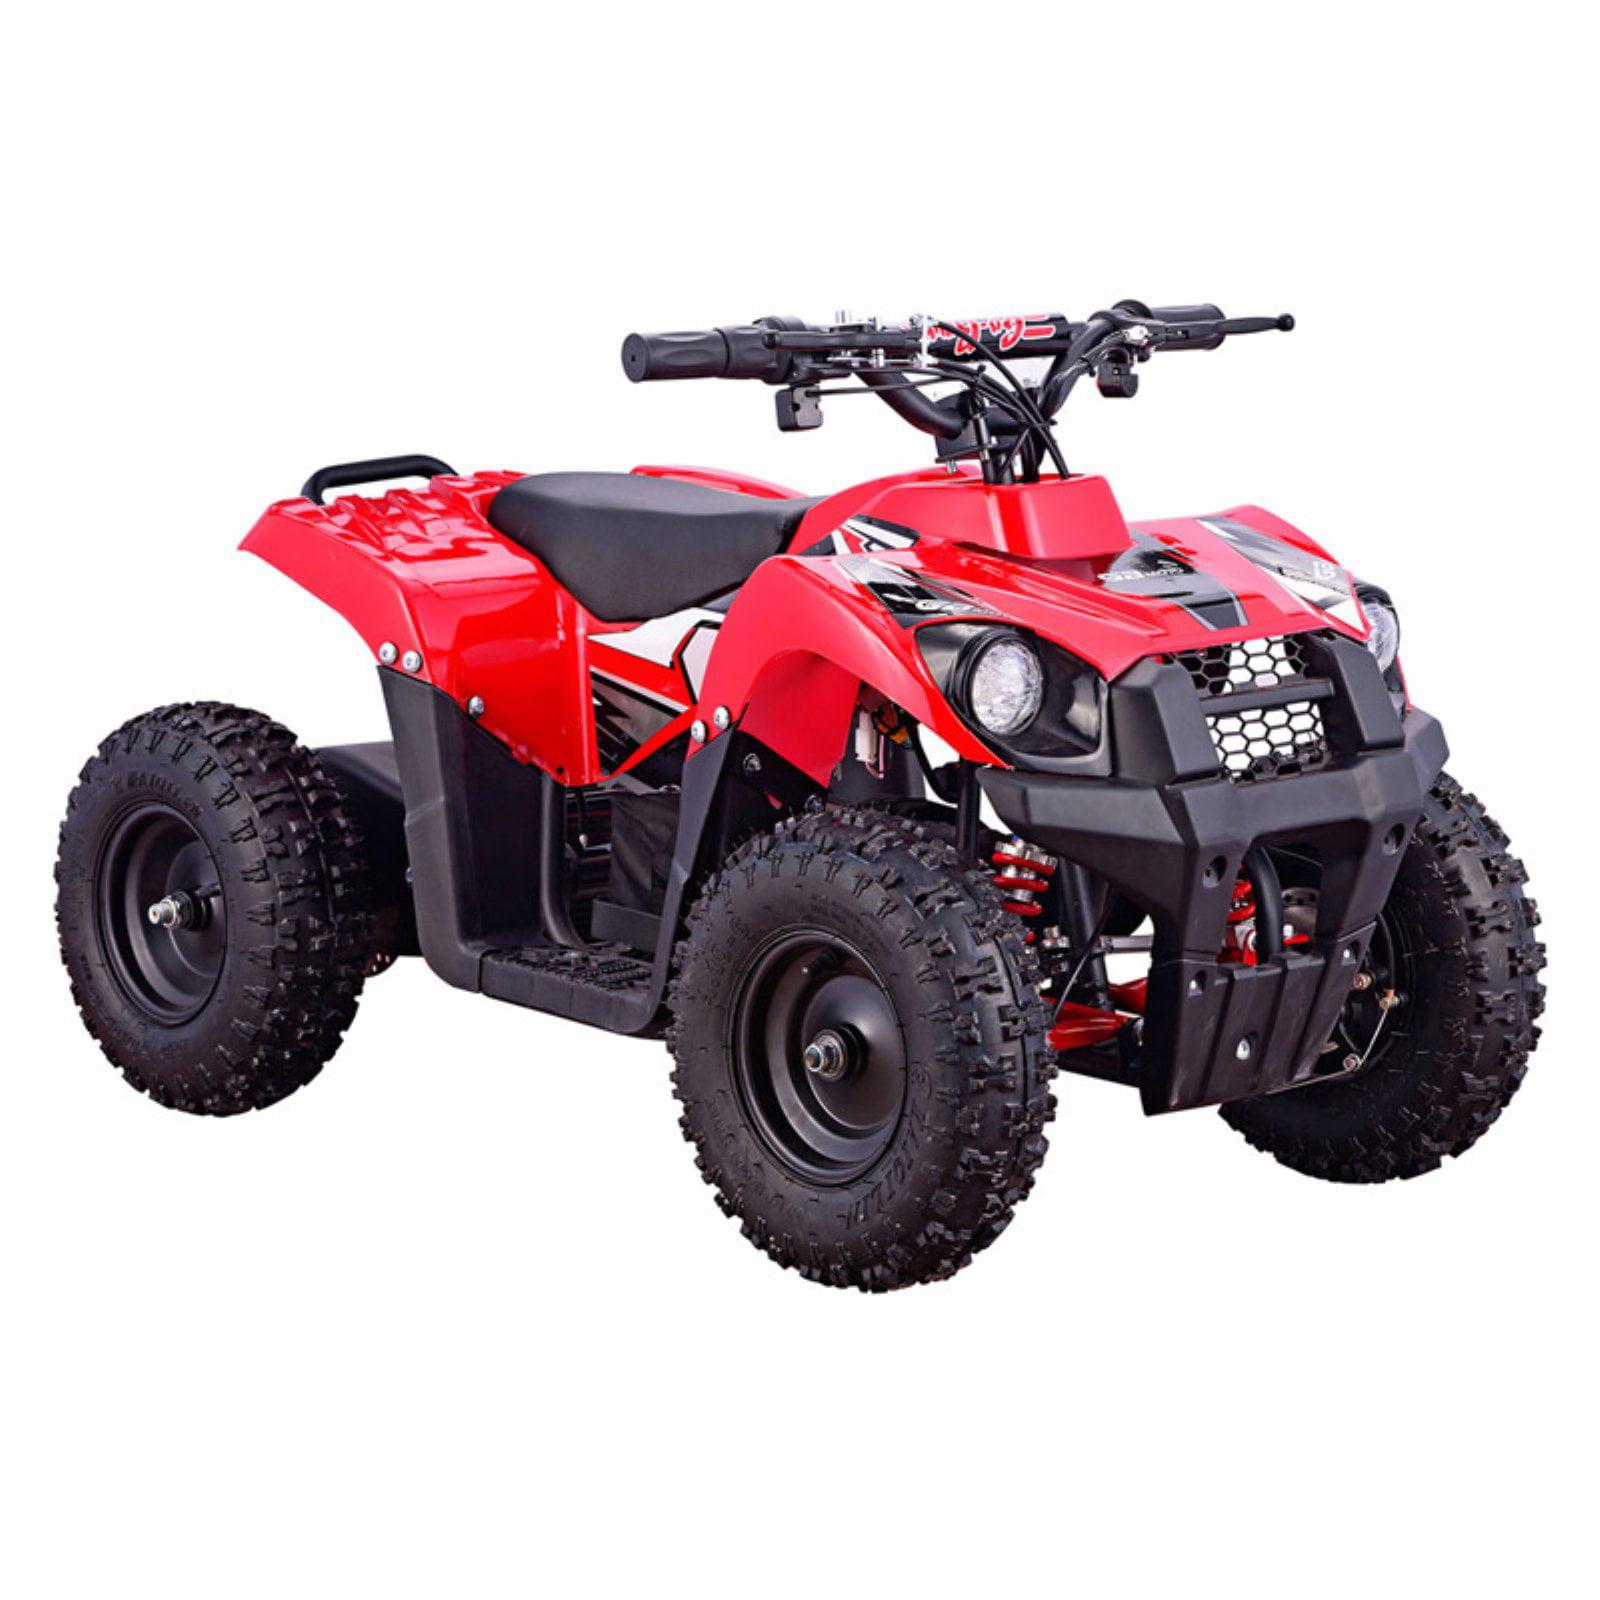 MotoTec Monster 36V 500W ATV, Red